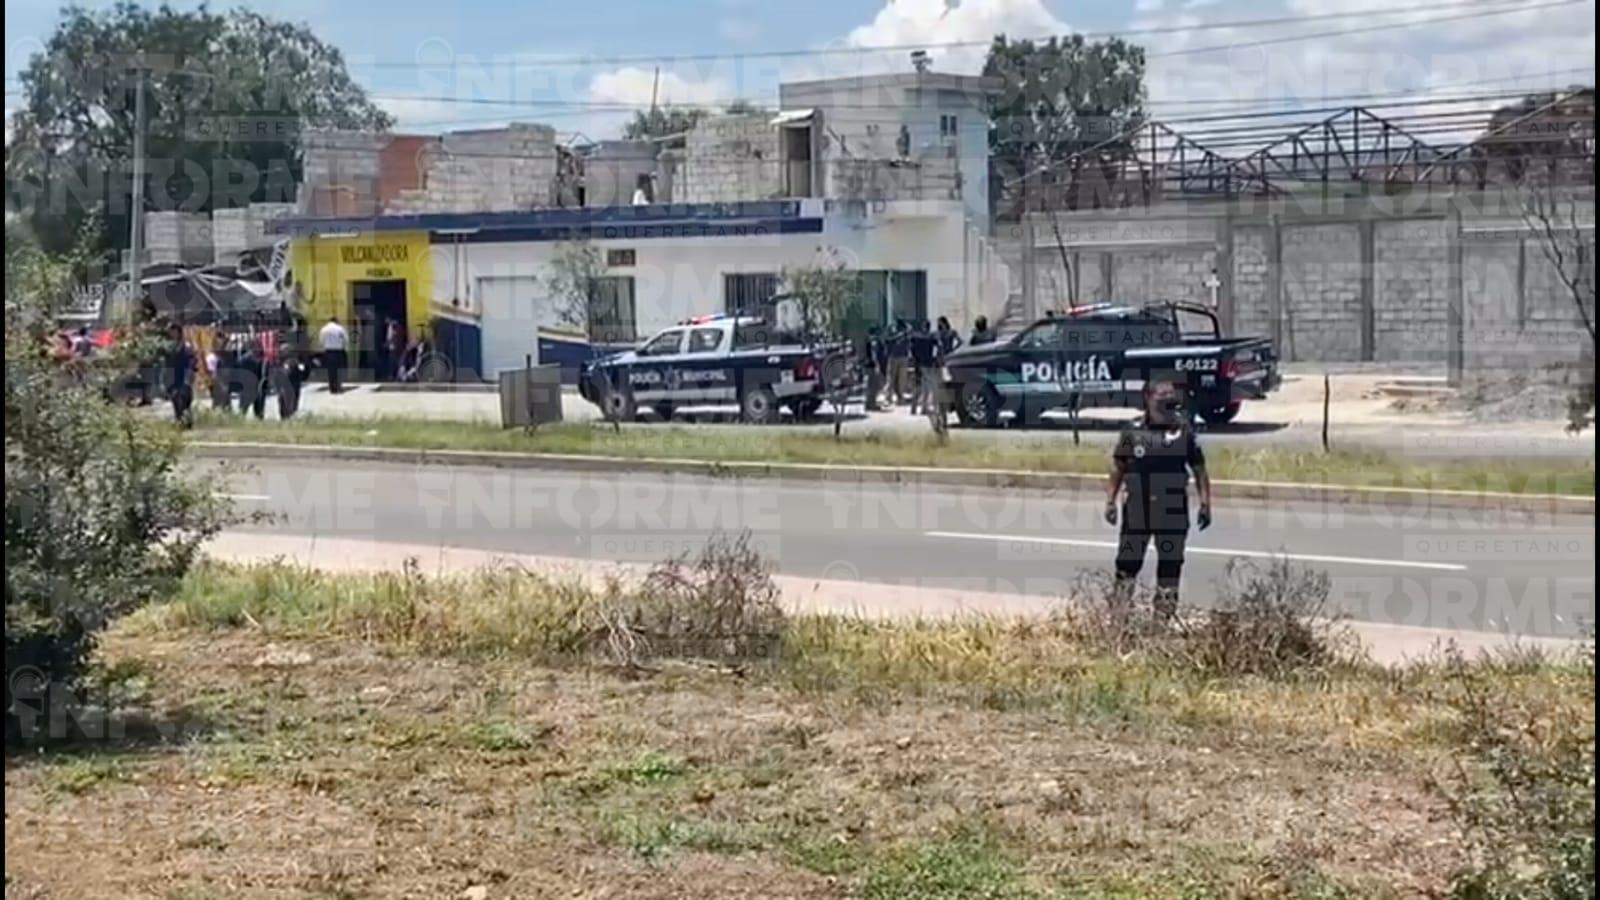 Atacan a sujeto a balazos en una vulcanizadora de la carretera estatal 200